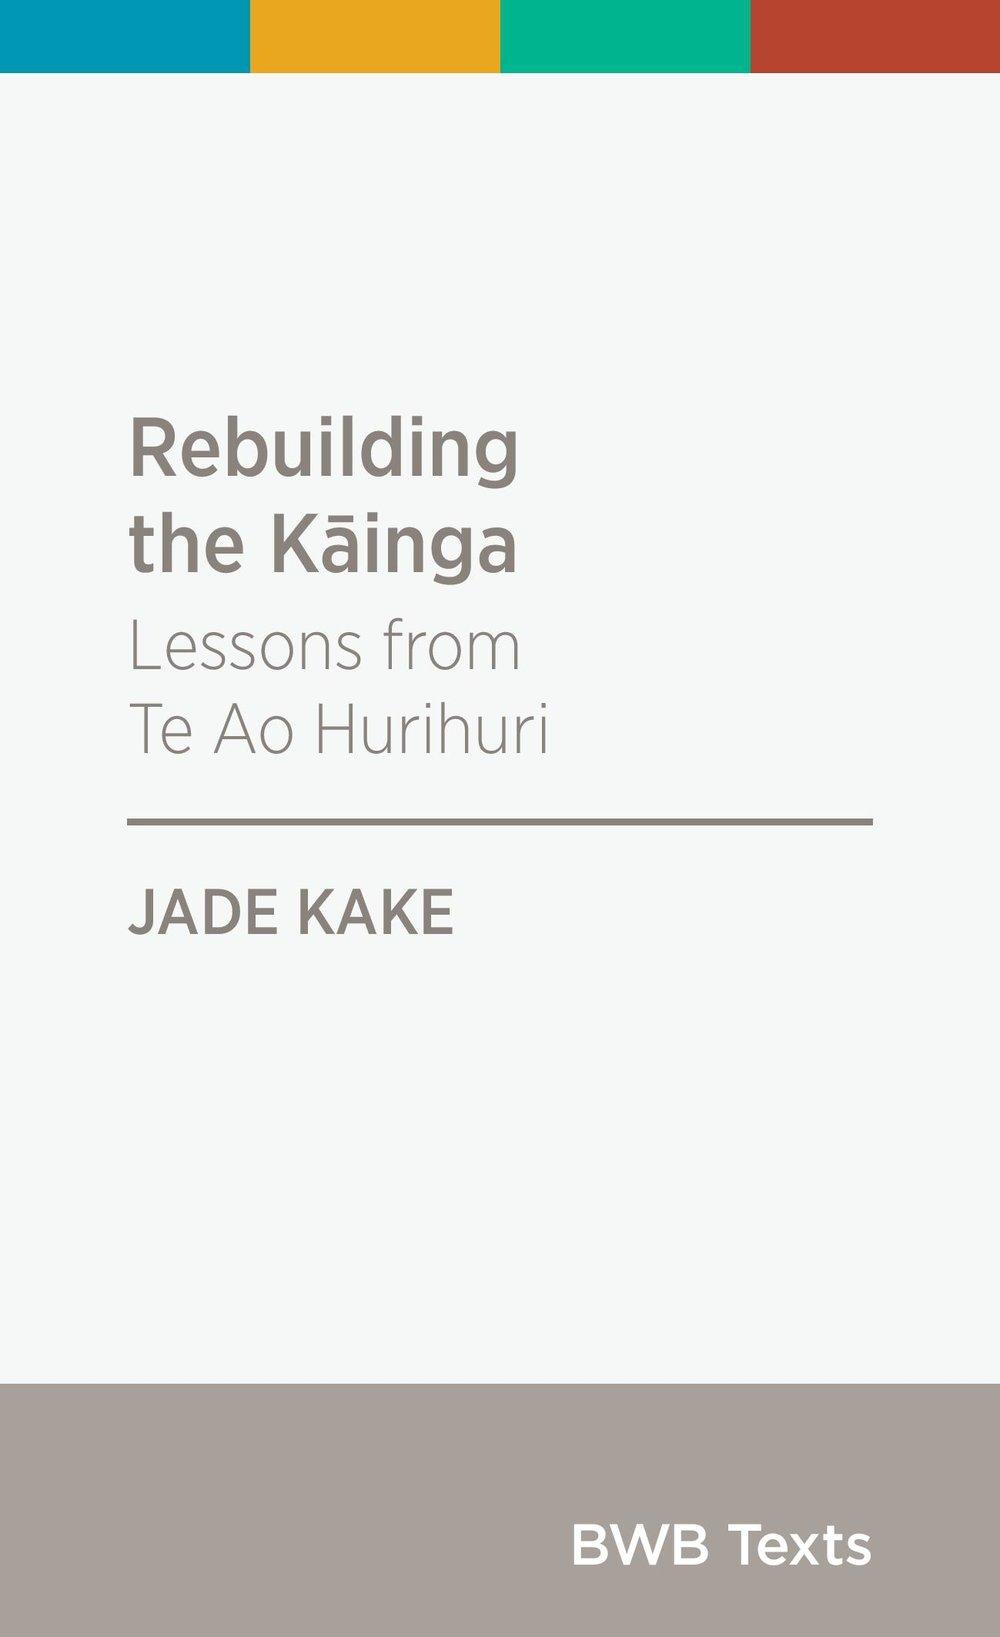 BWB1000_Kake_Rebuilding_the_Kainga_TIP_01-page-001.jpg